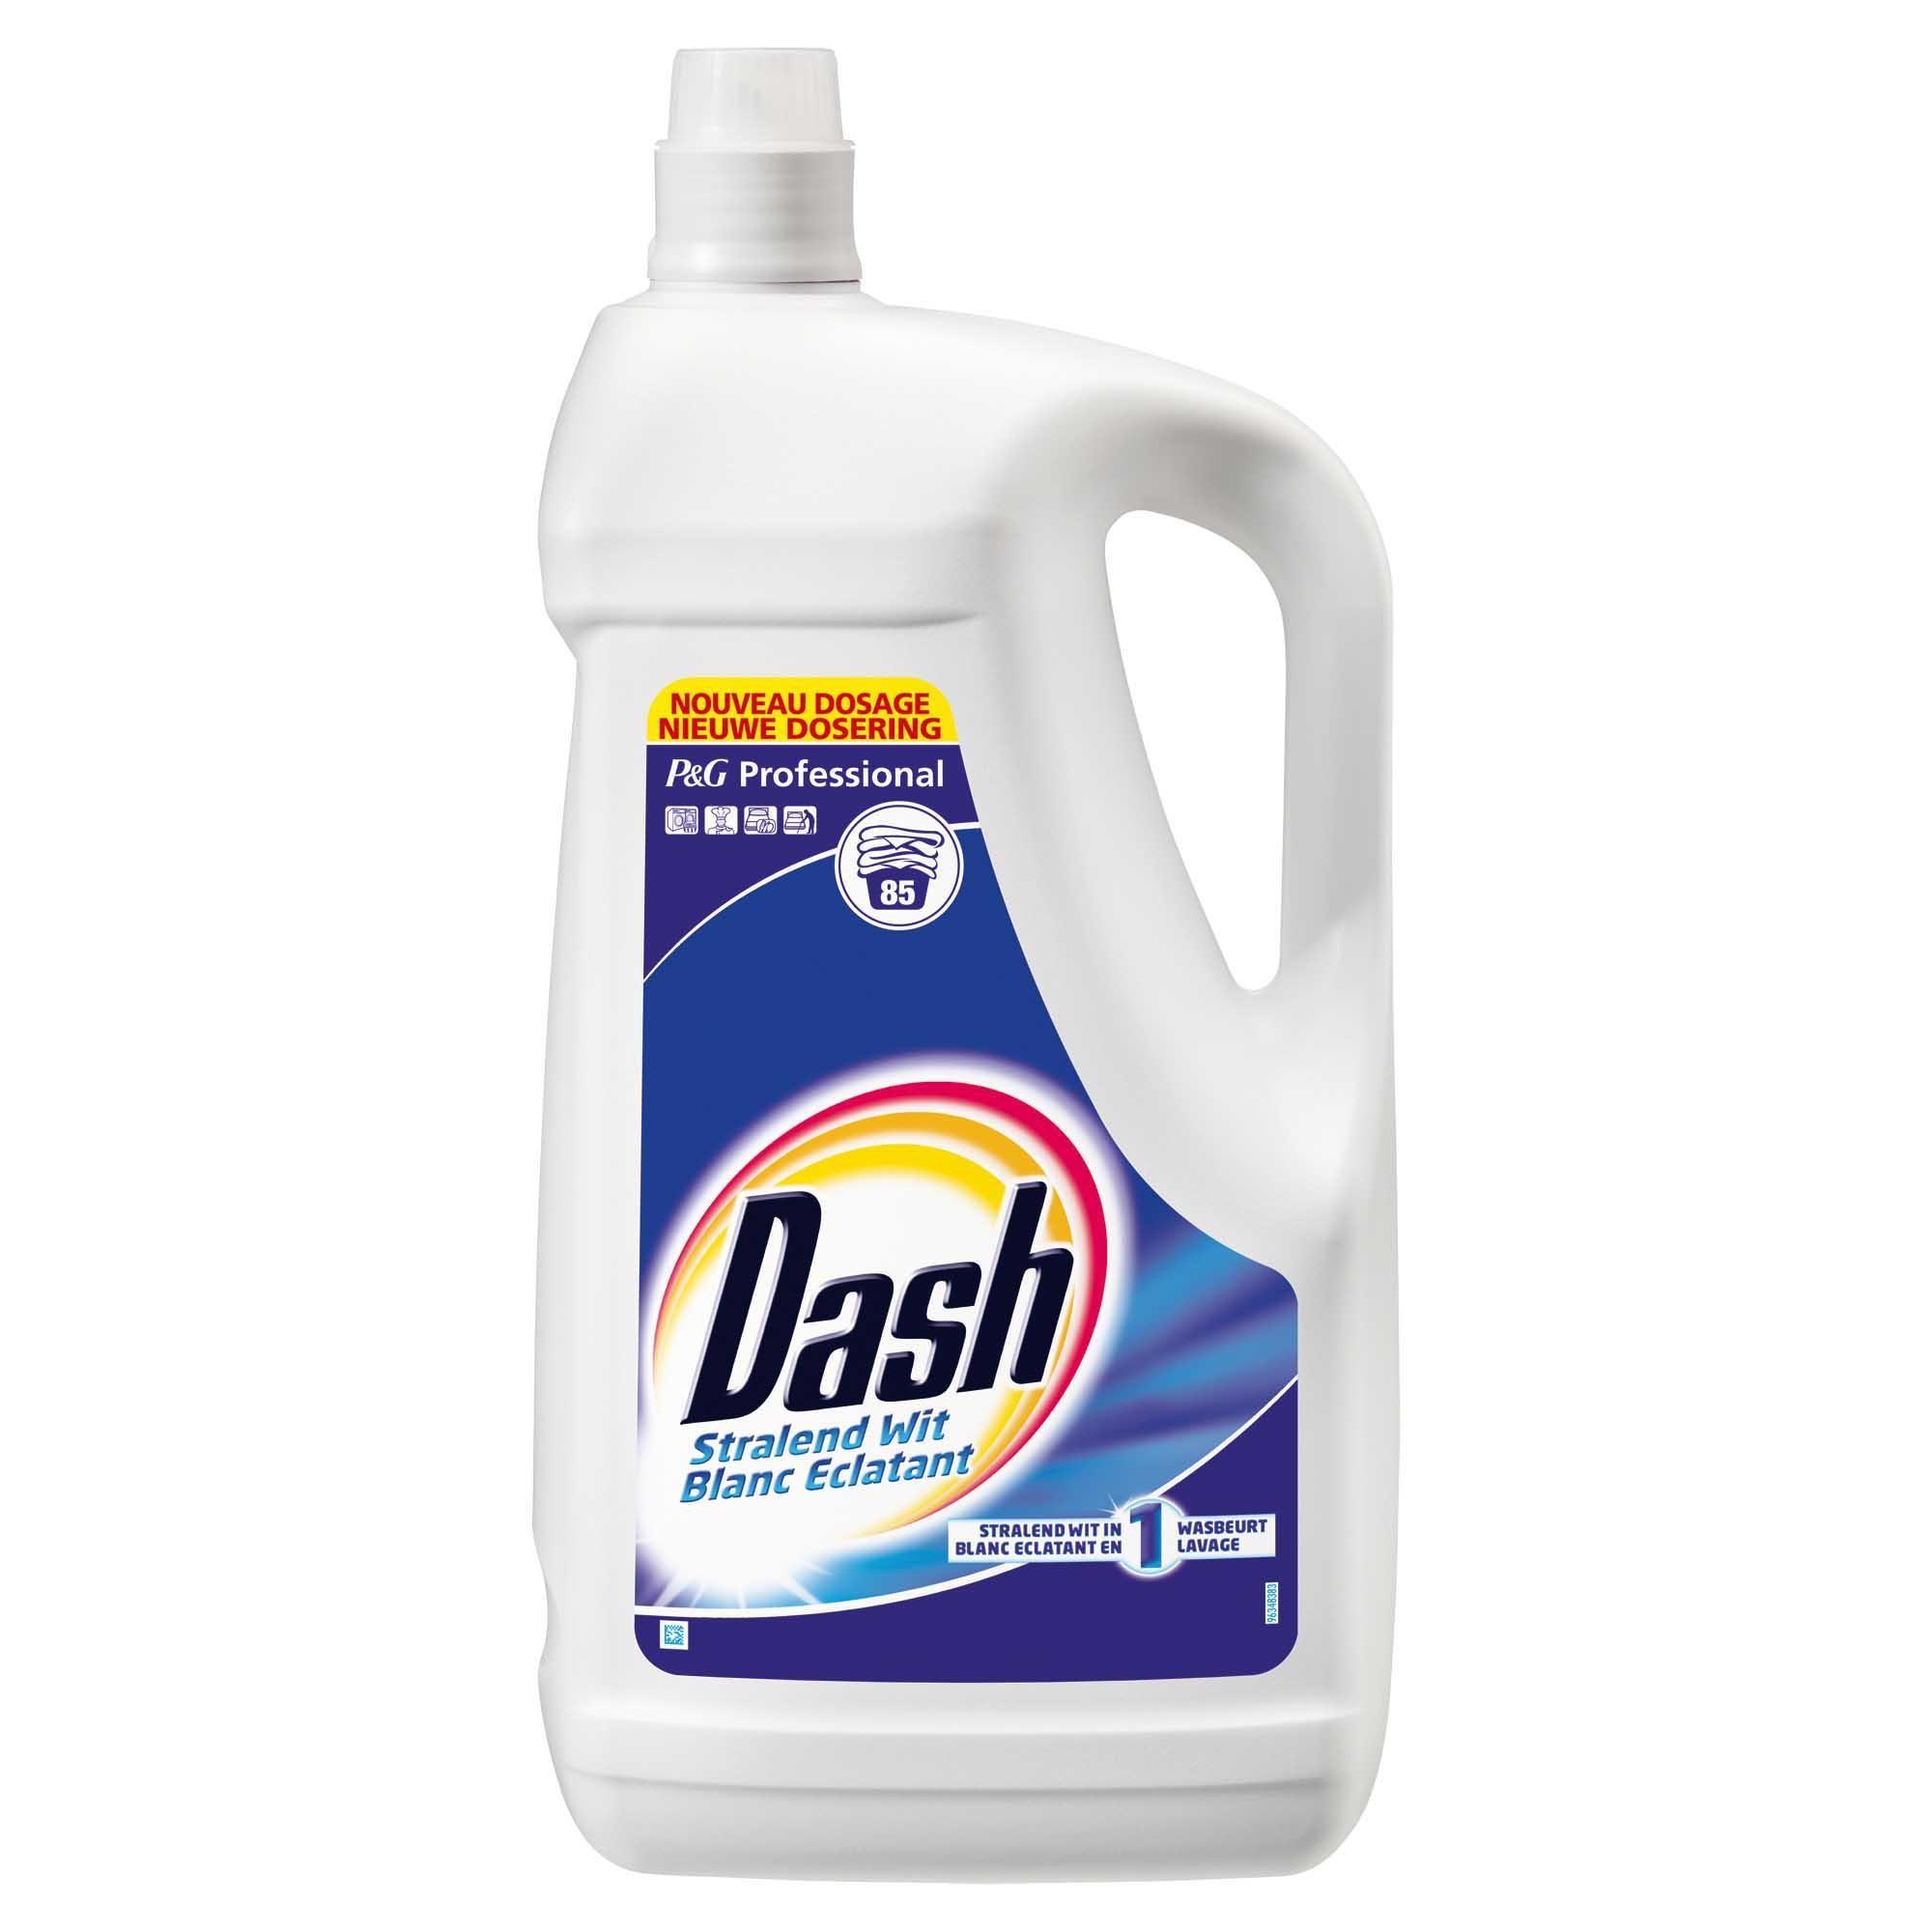 Dash 5.25L lessive liquide Procter & Gamble Professional